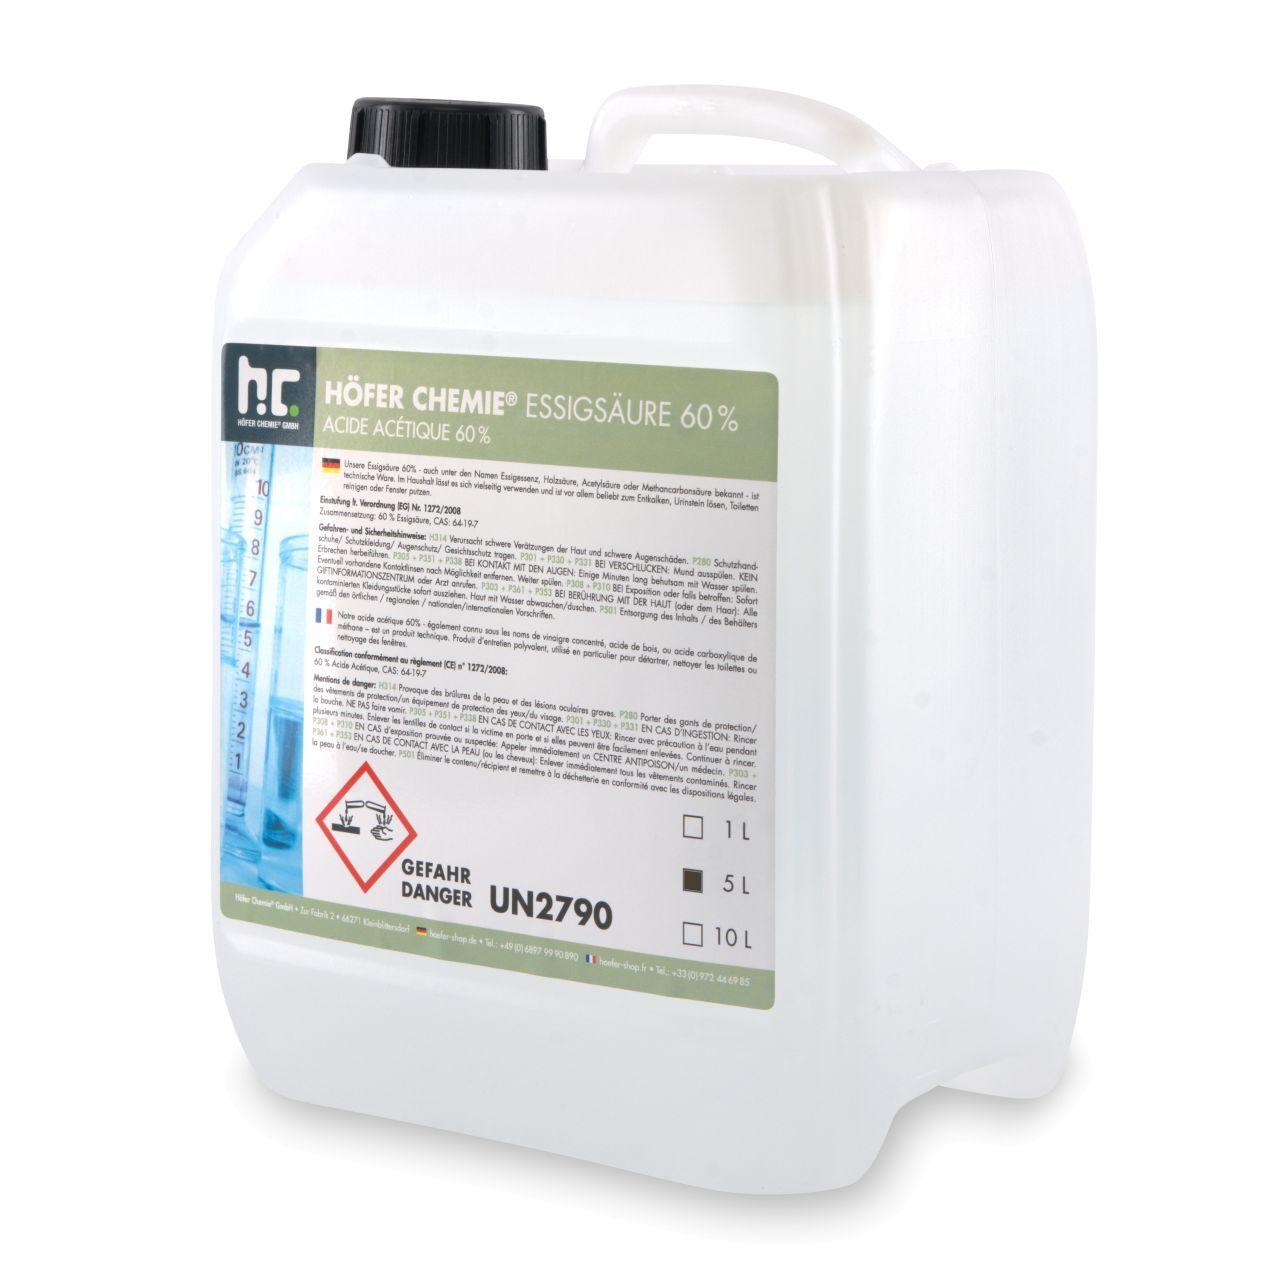 Höfer Chemie 10 l Acide Acétique 60% (2 x 5 l)